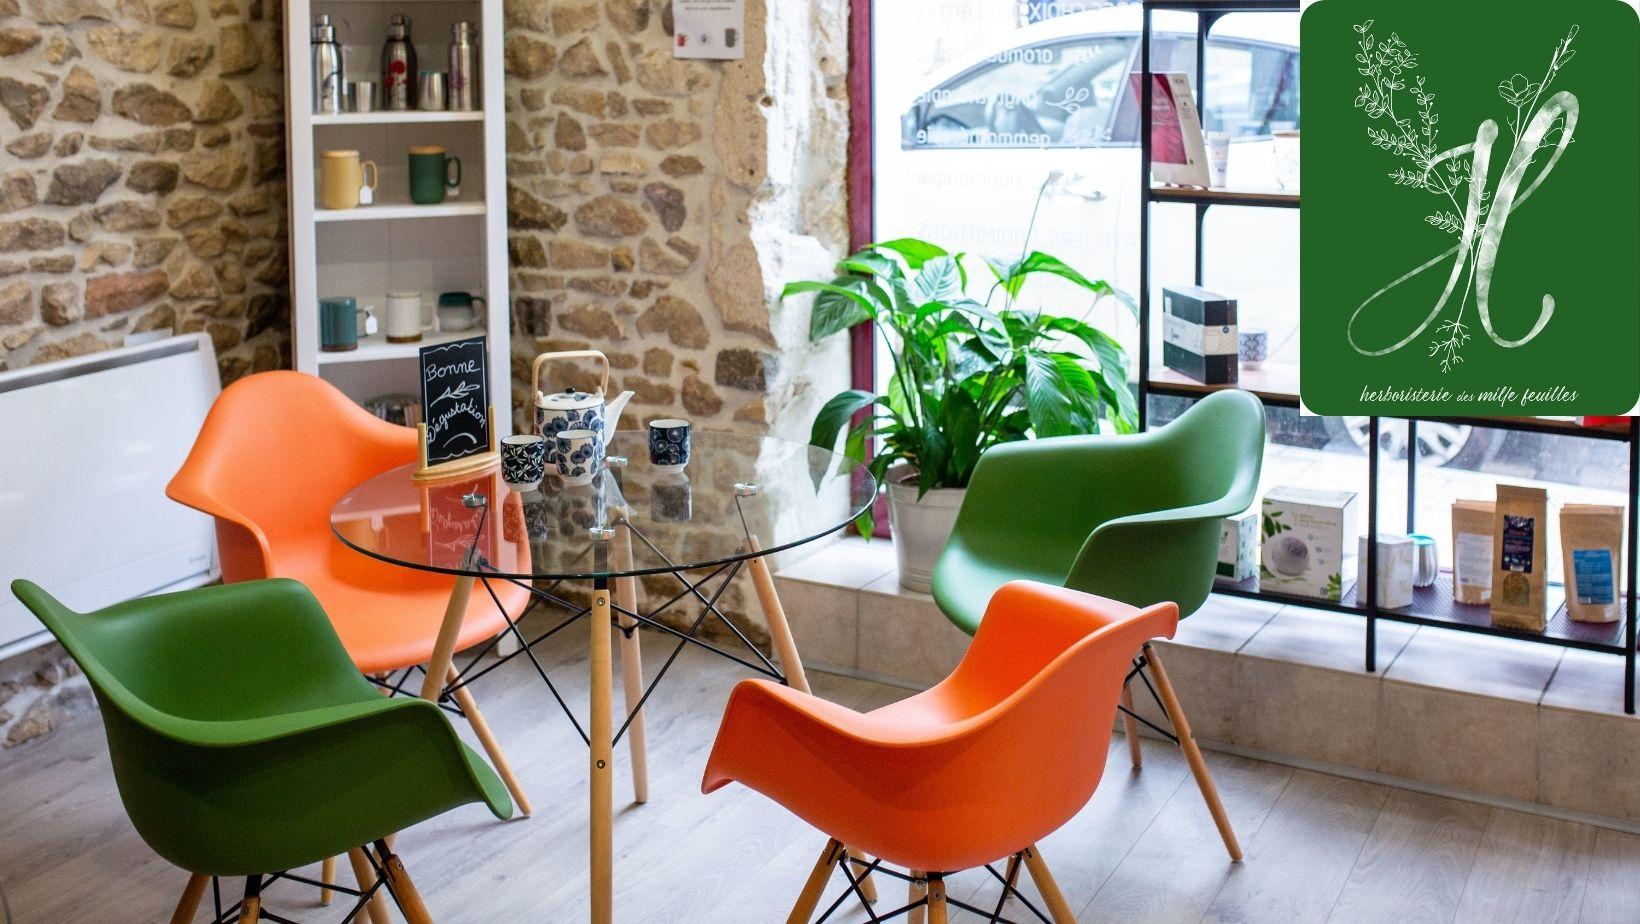 Bar à tisanes de l'Herboristerie des mille feuilles à Villefranche sur saône.